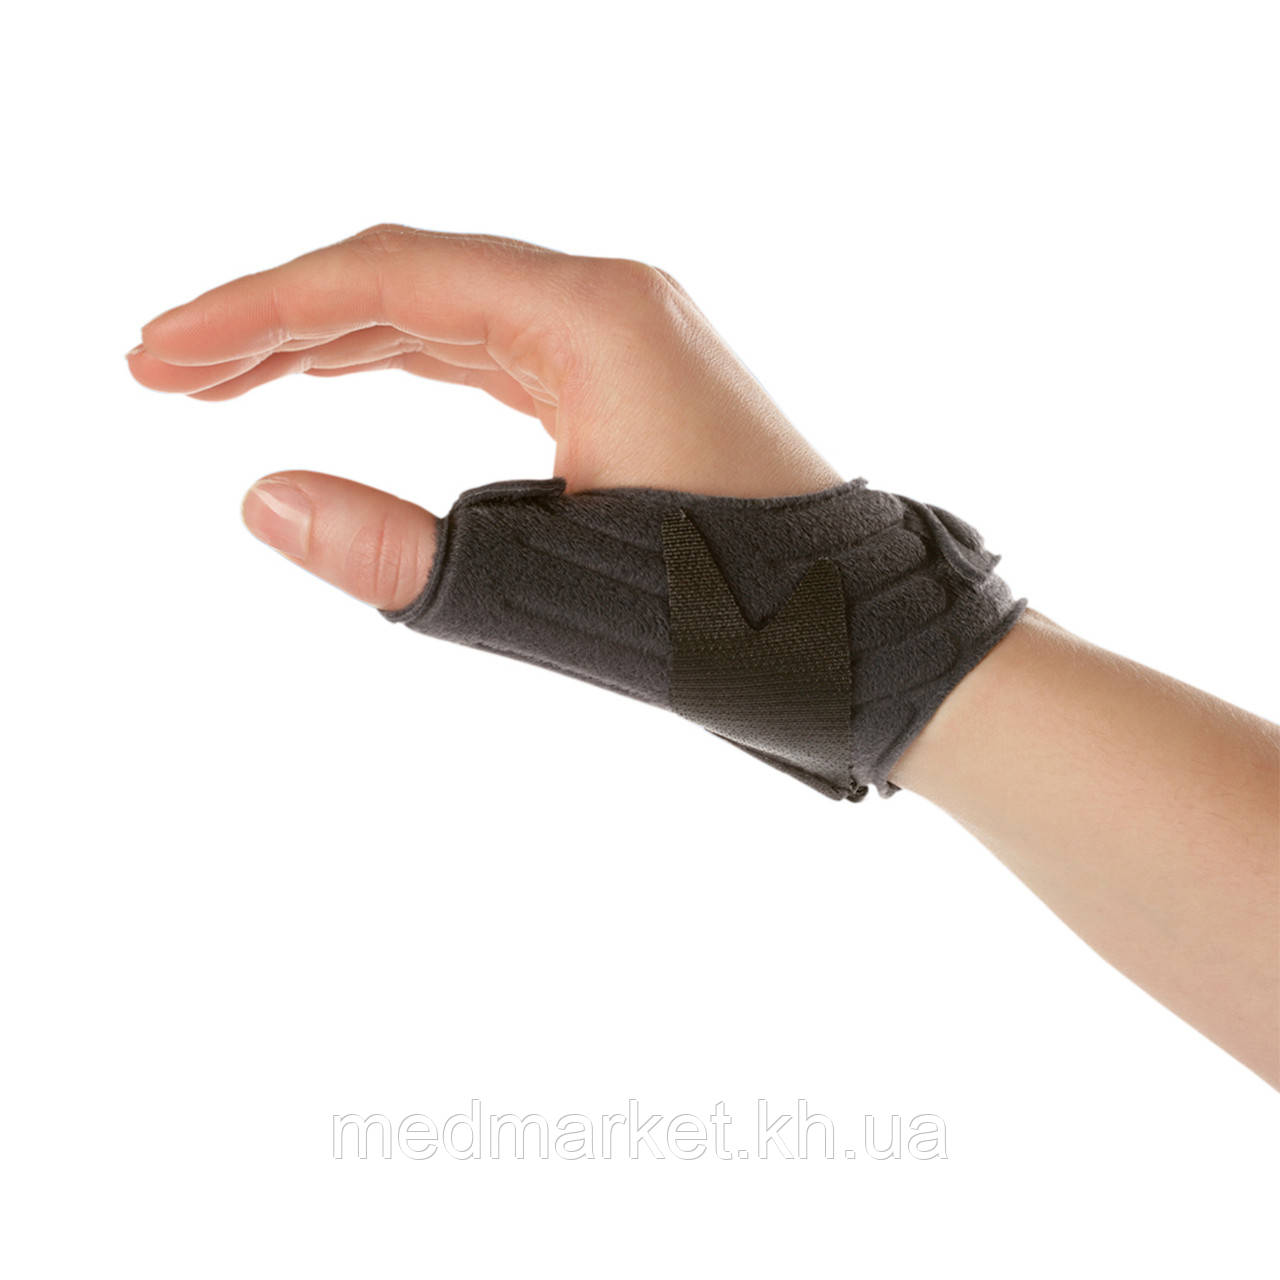 Ортез пястно-фалангового сустава большого пальца после травмы связок кисти аспирин для лечения суставов